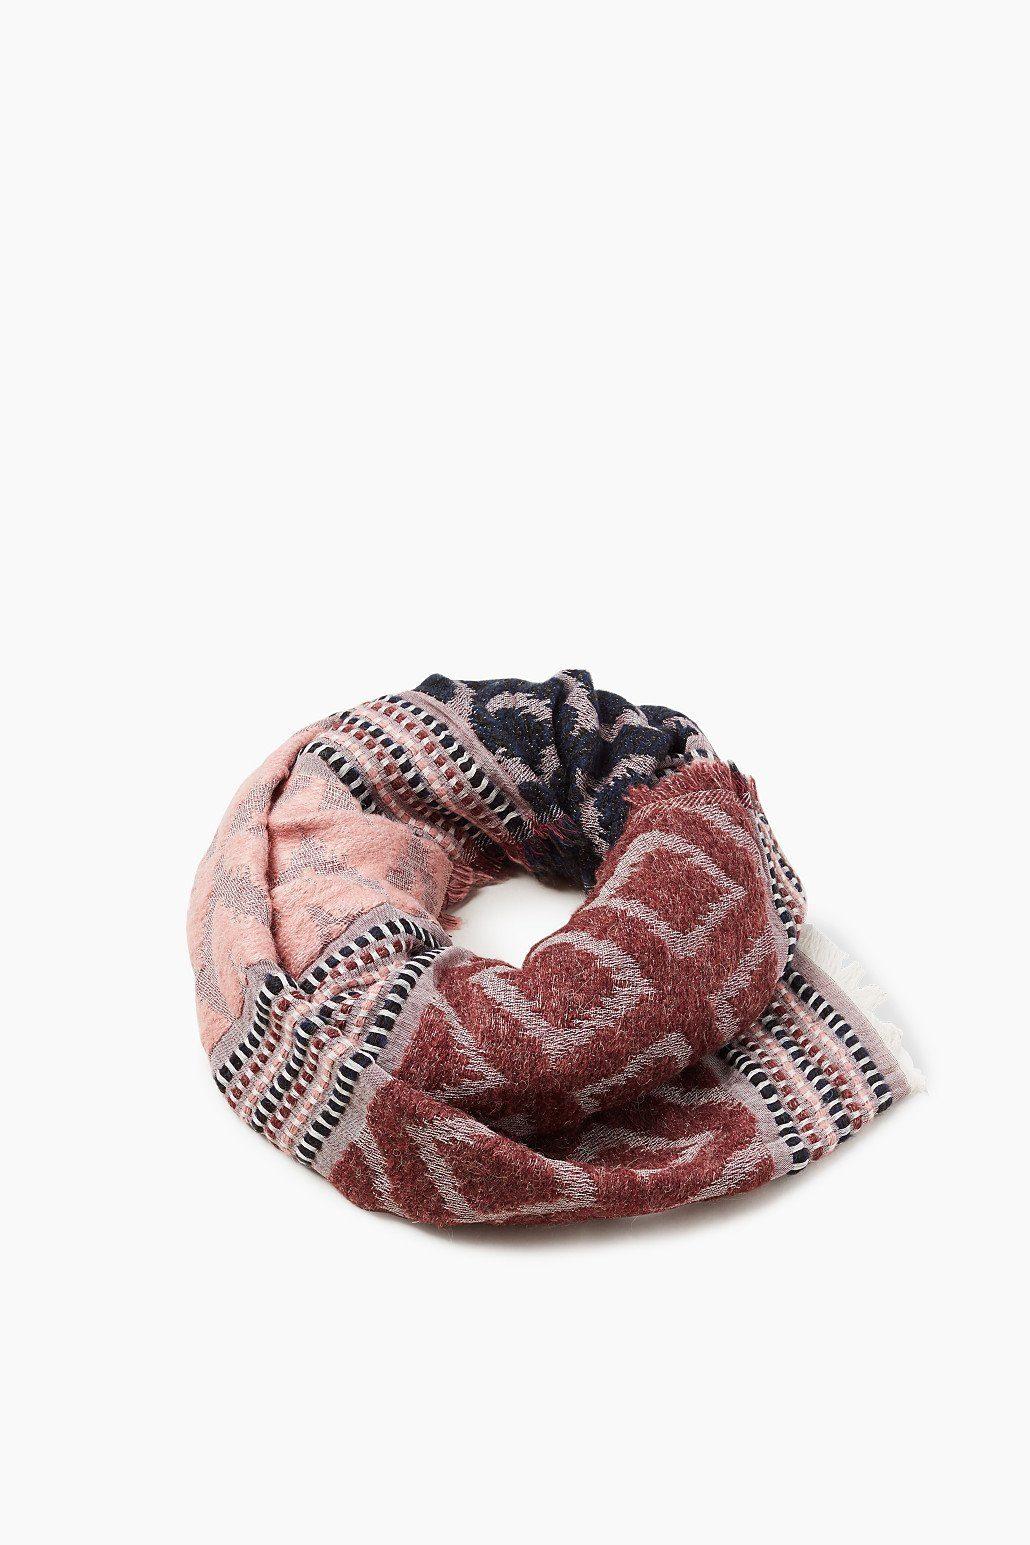 ESPRIT CASUAL XXL-Schal mit eingewebtem Ikat-Muster